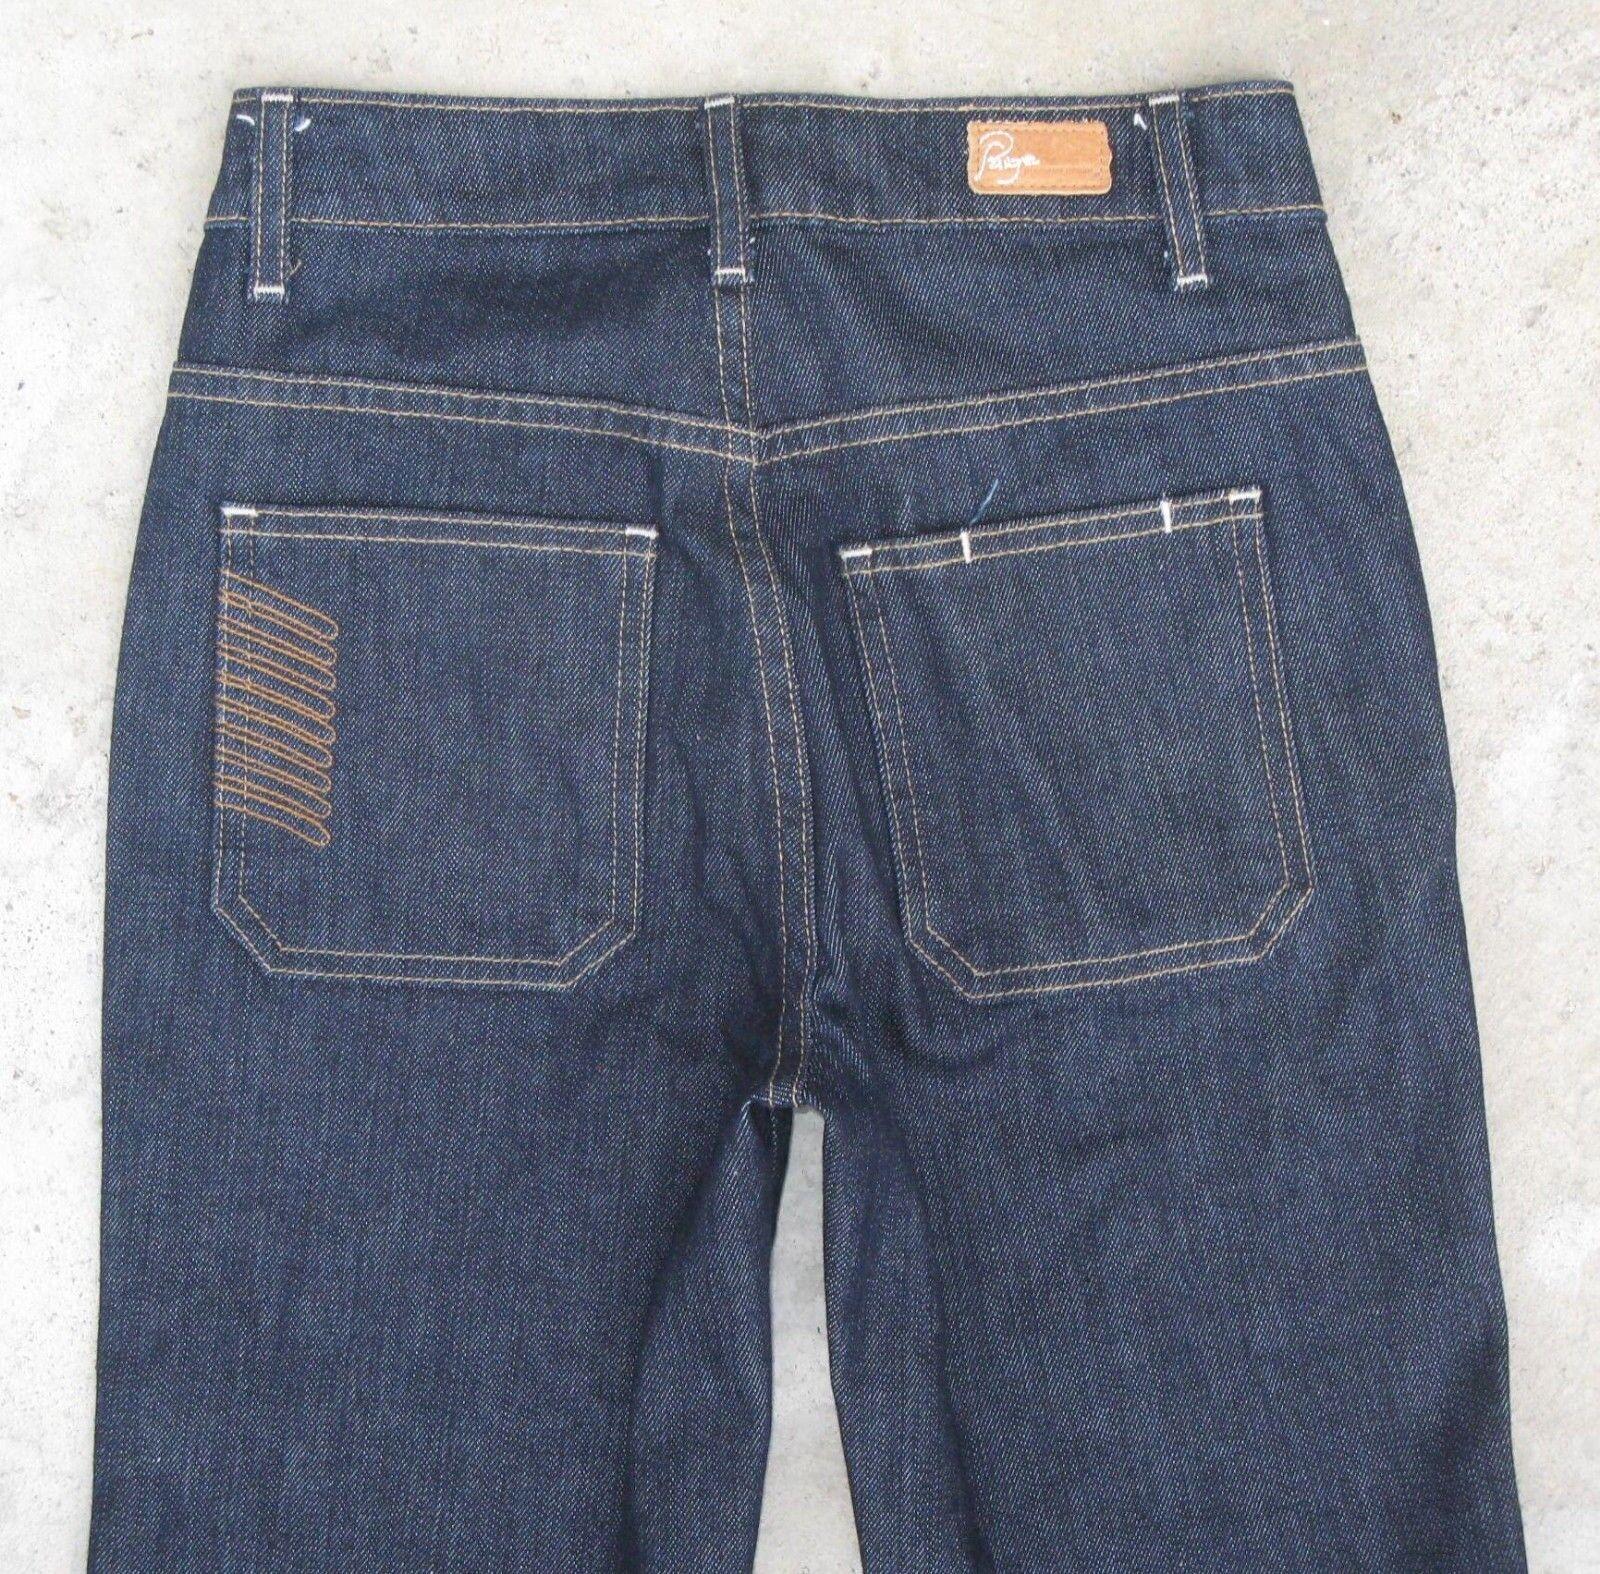 Paige Premium Jeanshose Hohe Größe Schlaghose Dunkelblau Sz 24 Neu